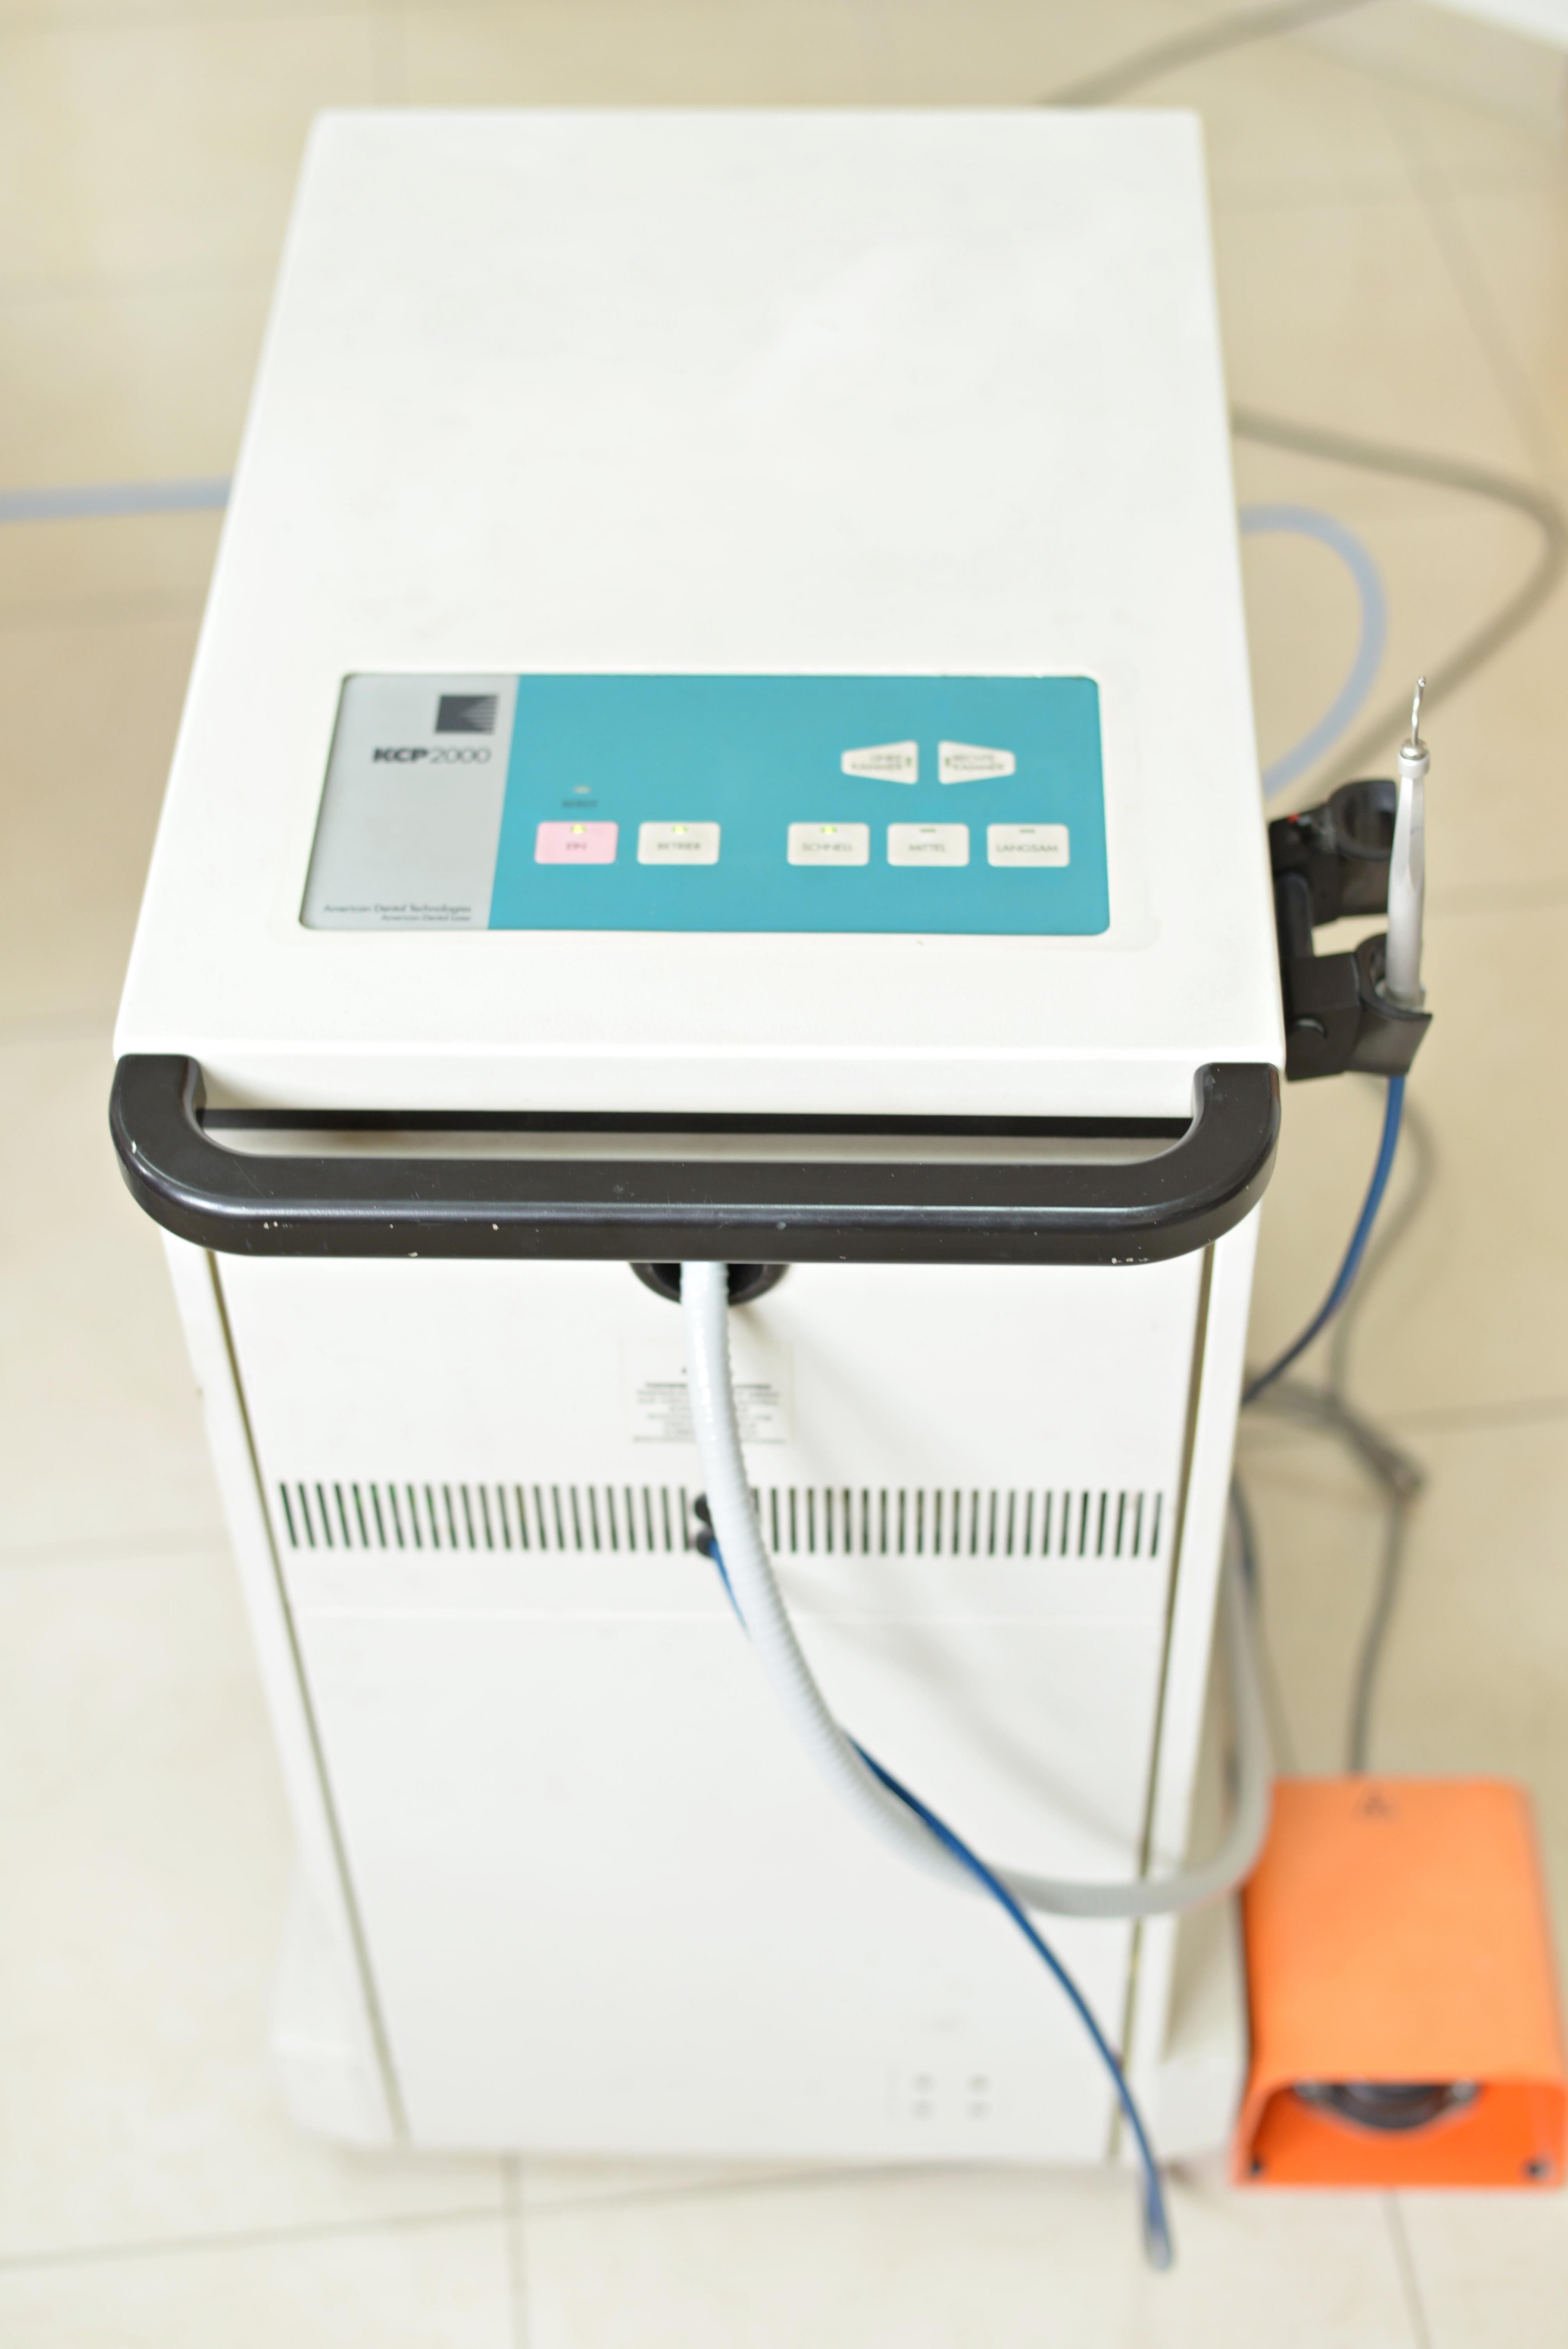 Zahnarzt-Laser Biolase Waterlase Gerät